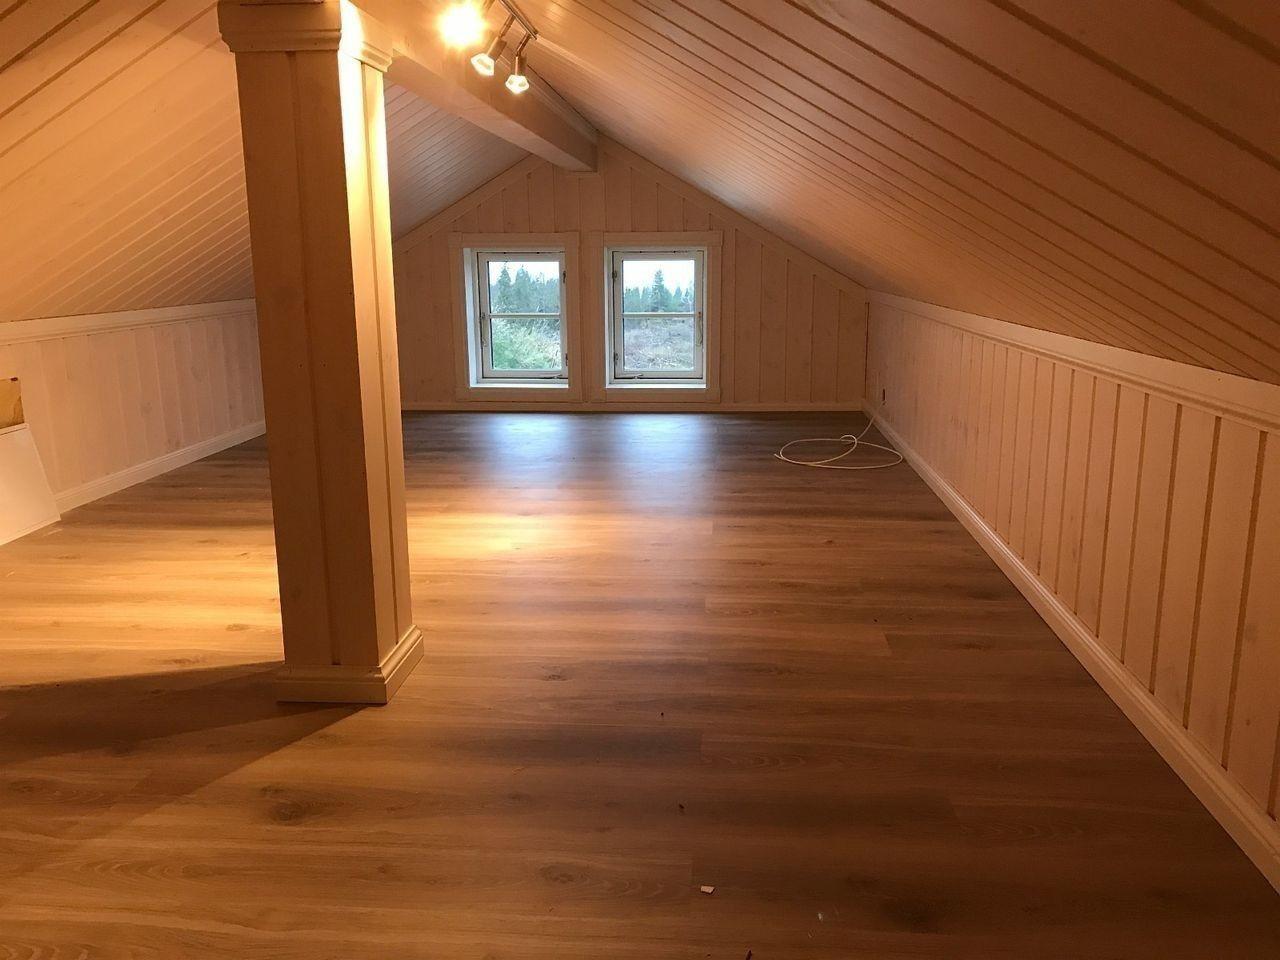 Ekstra gulvplass i hemsen. Dette er et tilleggsareal som er inkludert og kommer i tillegg til hyttas 1 etg. Masse plass.